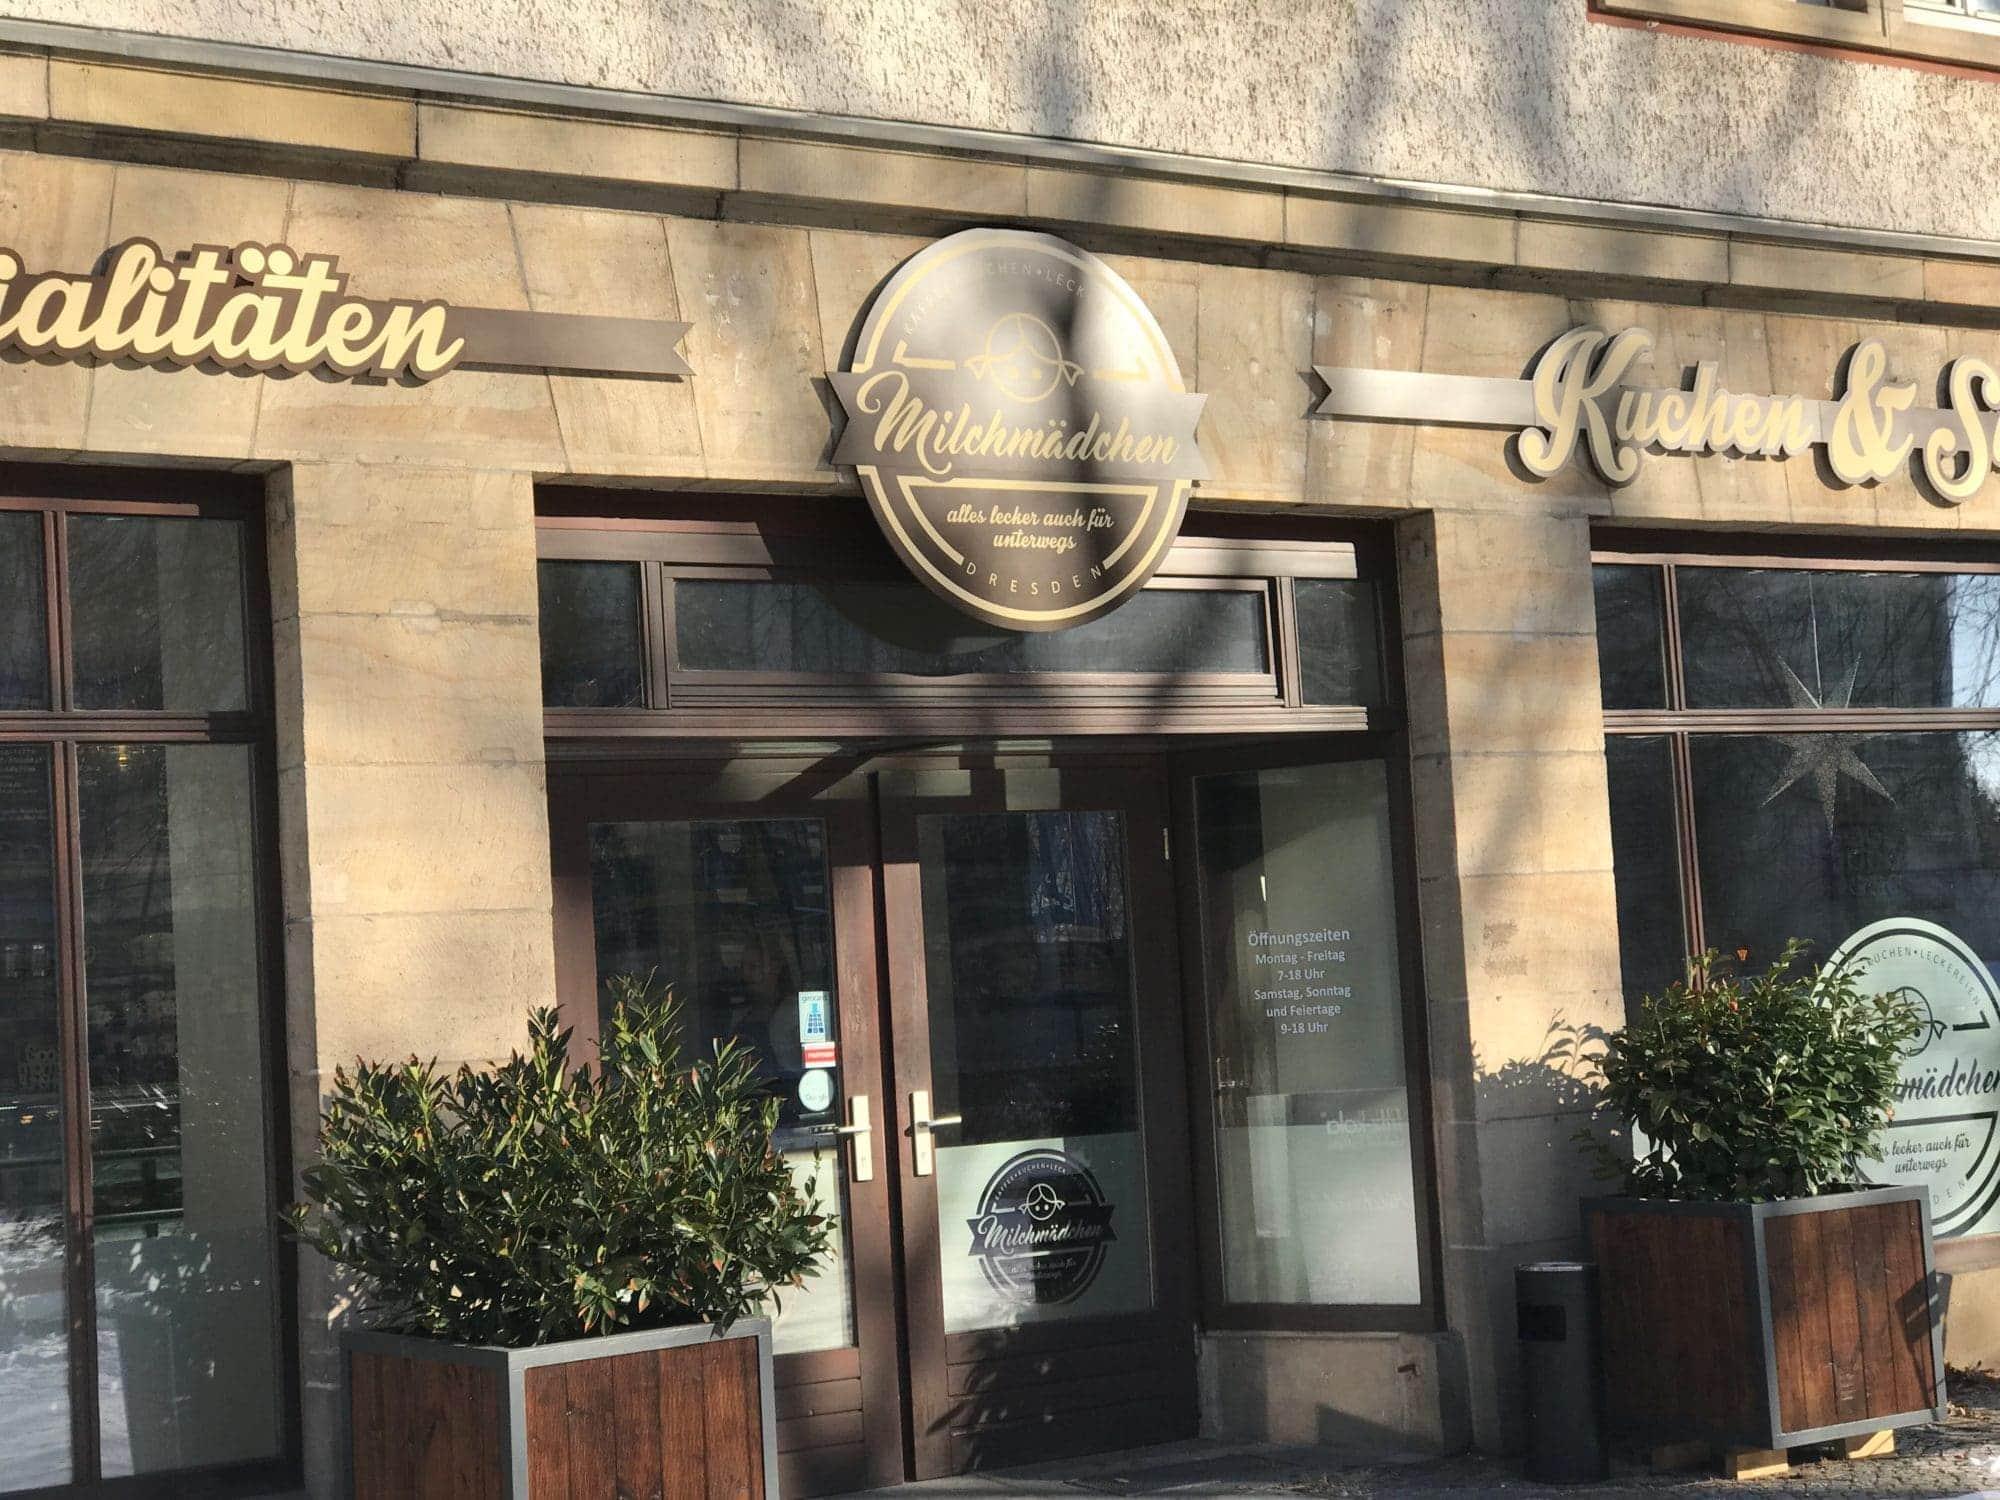 Cafe Milchmädchen Laden in Dresden